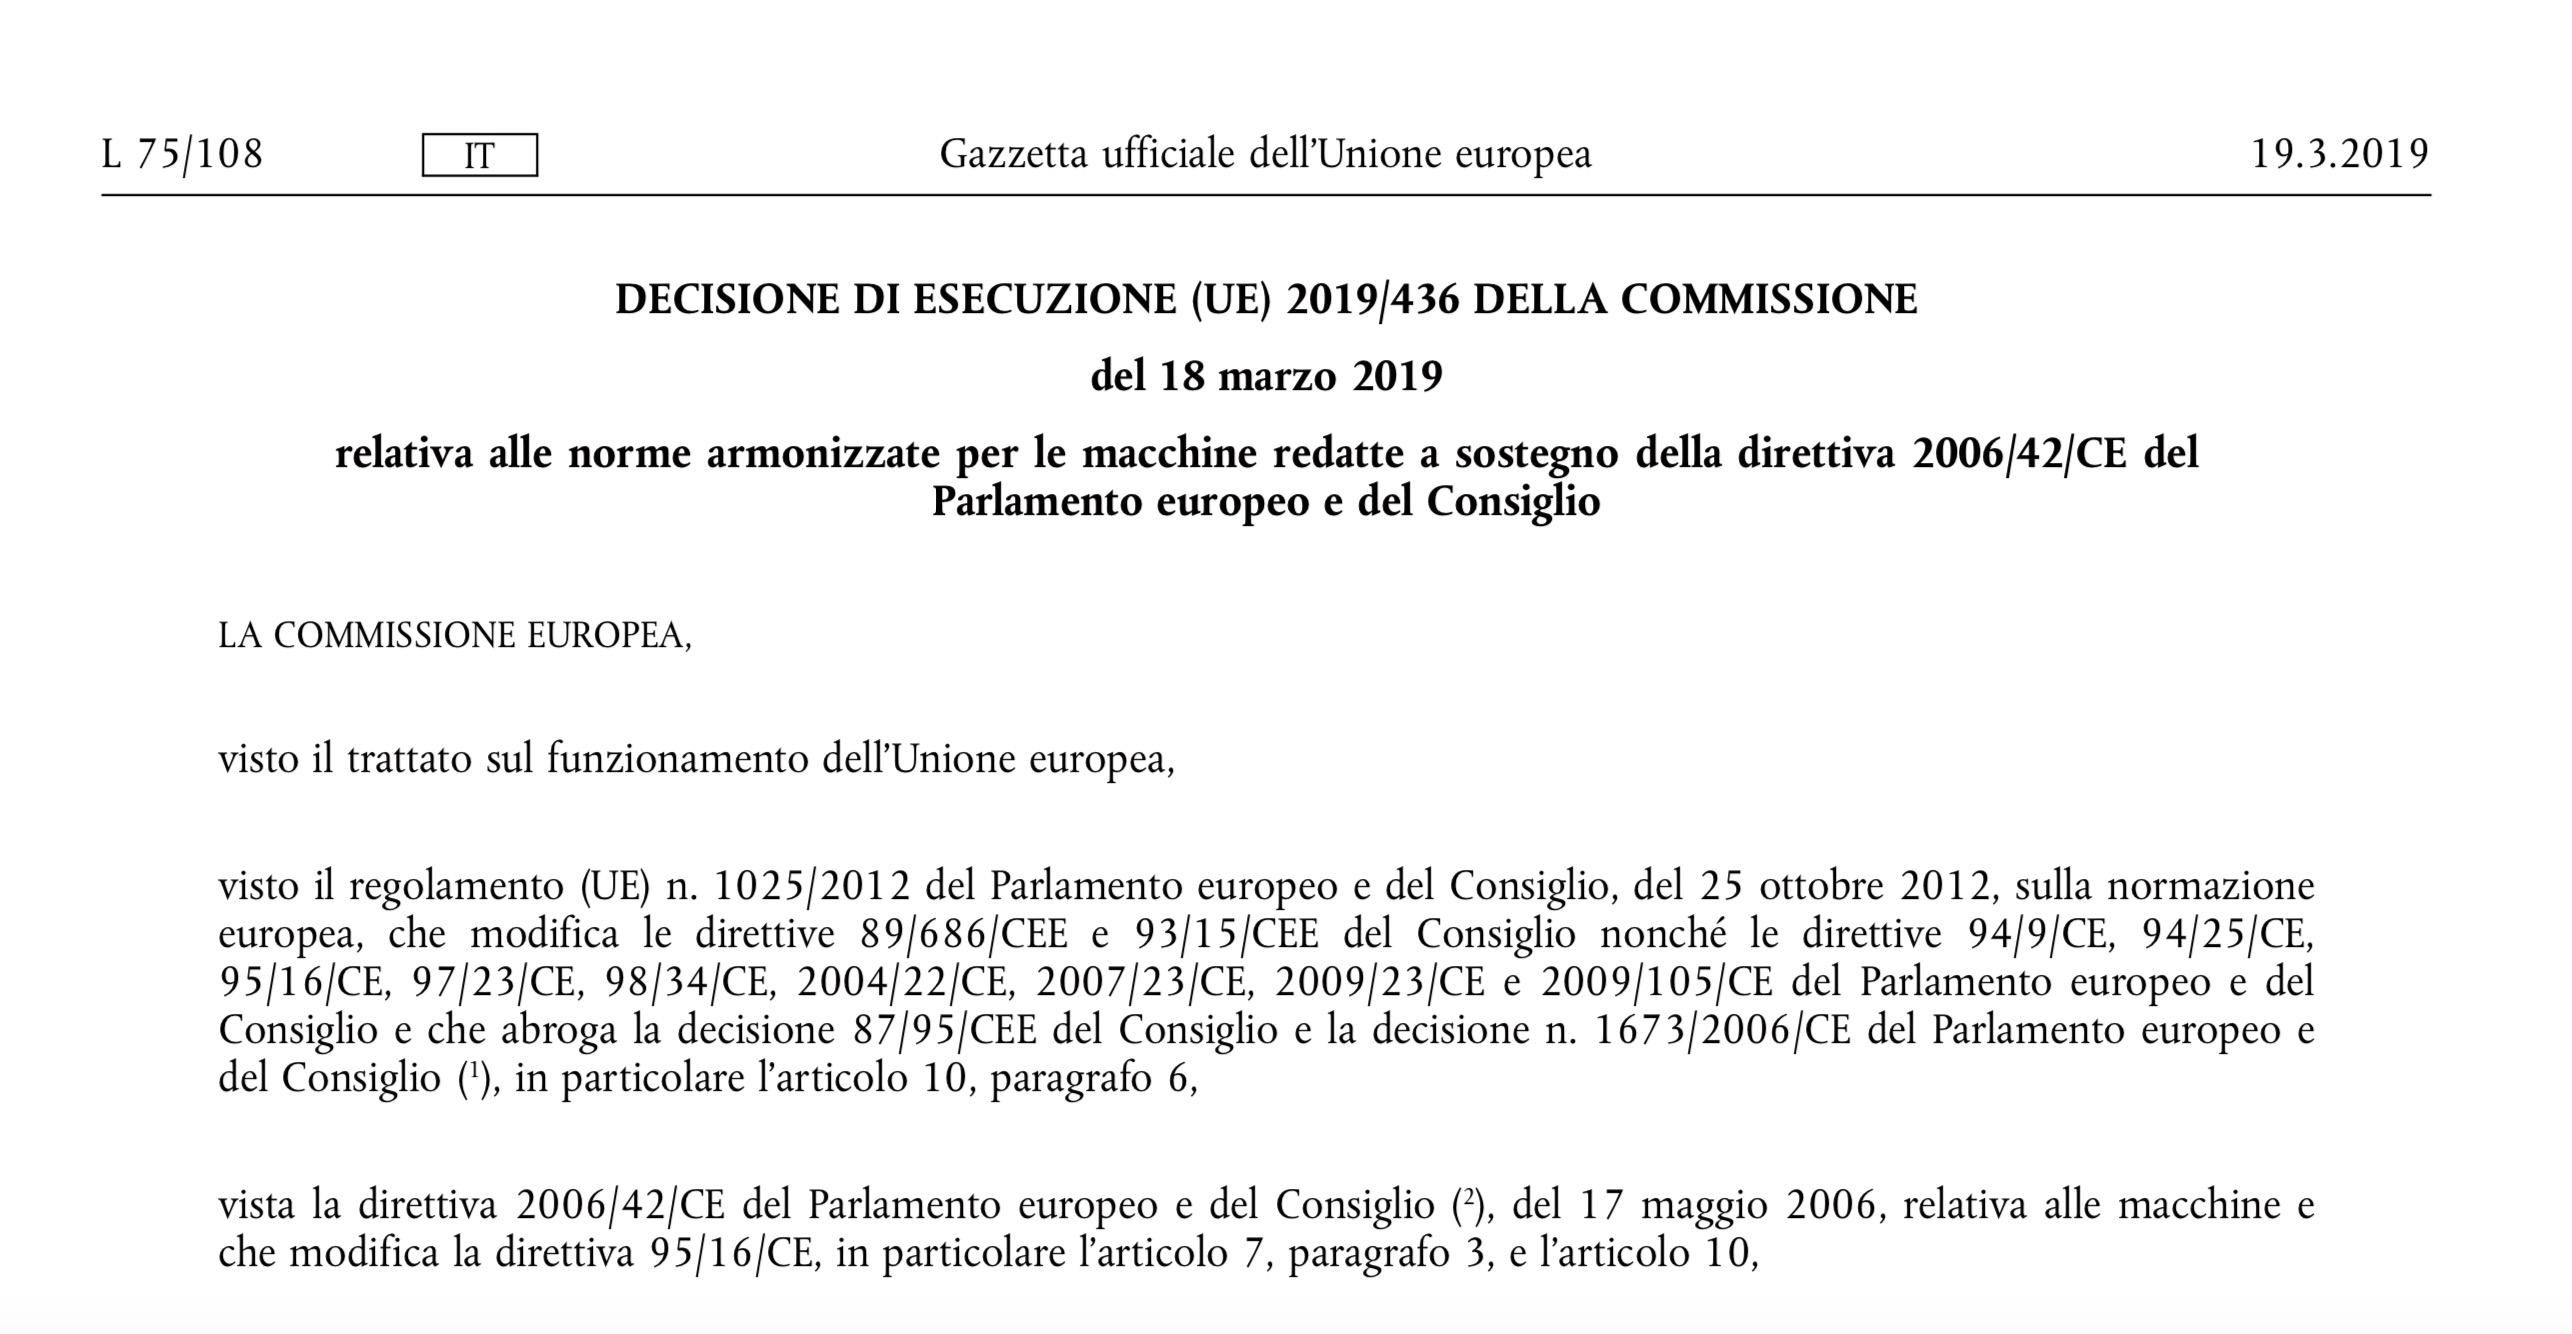 Decisione sul ritiro dei riferimenti alle norme armonizzate per le macchine dalla Gazzetta ufficiale dell'Unione europea